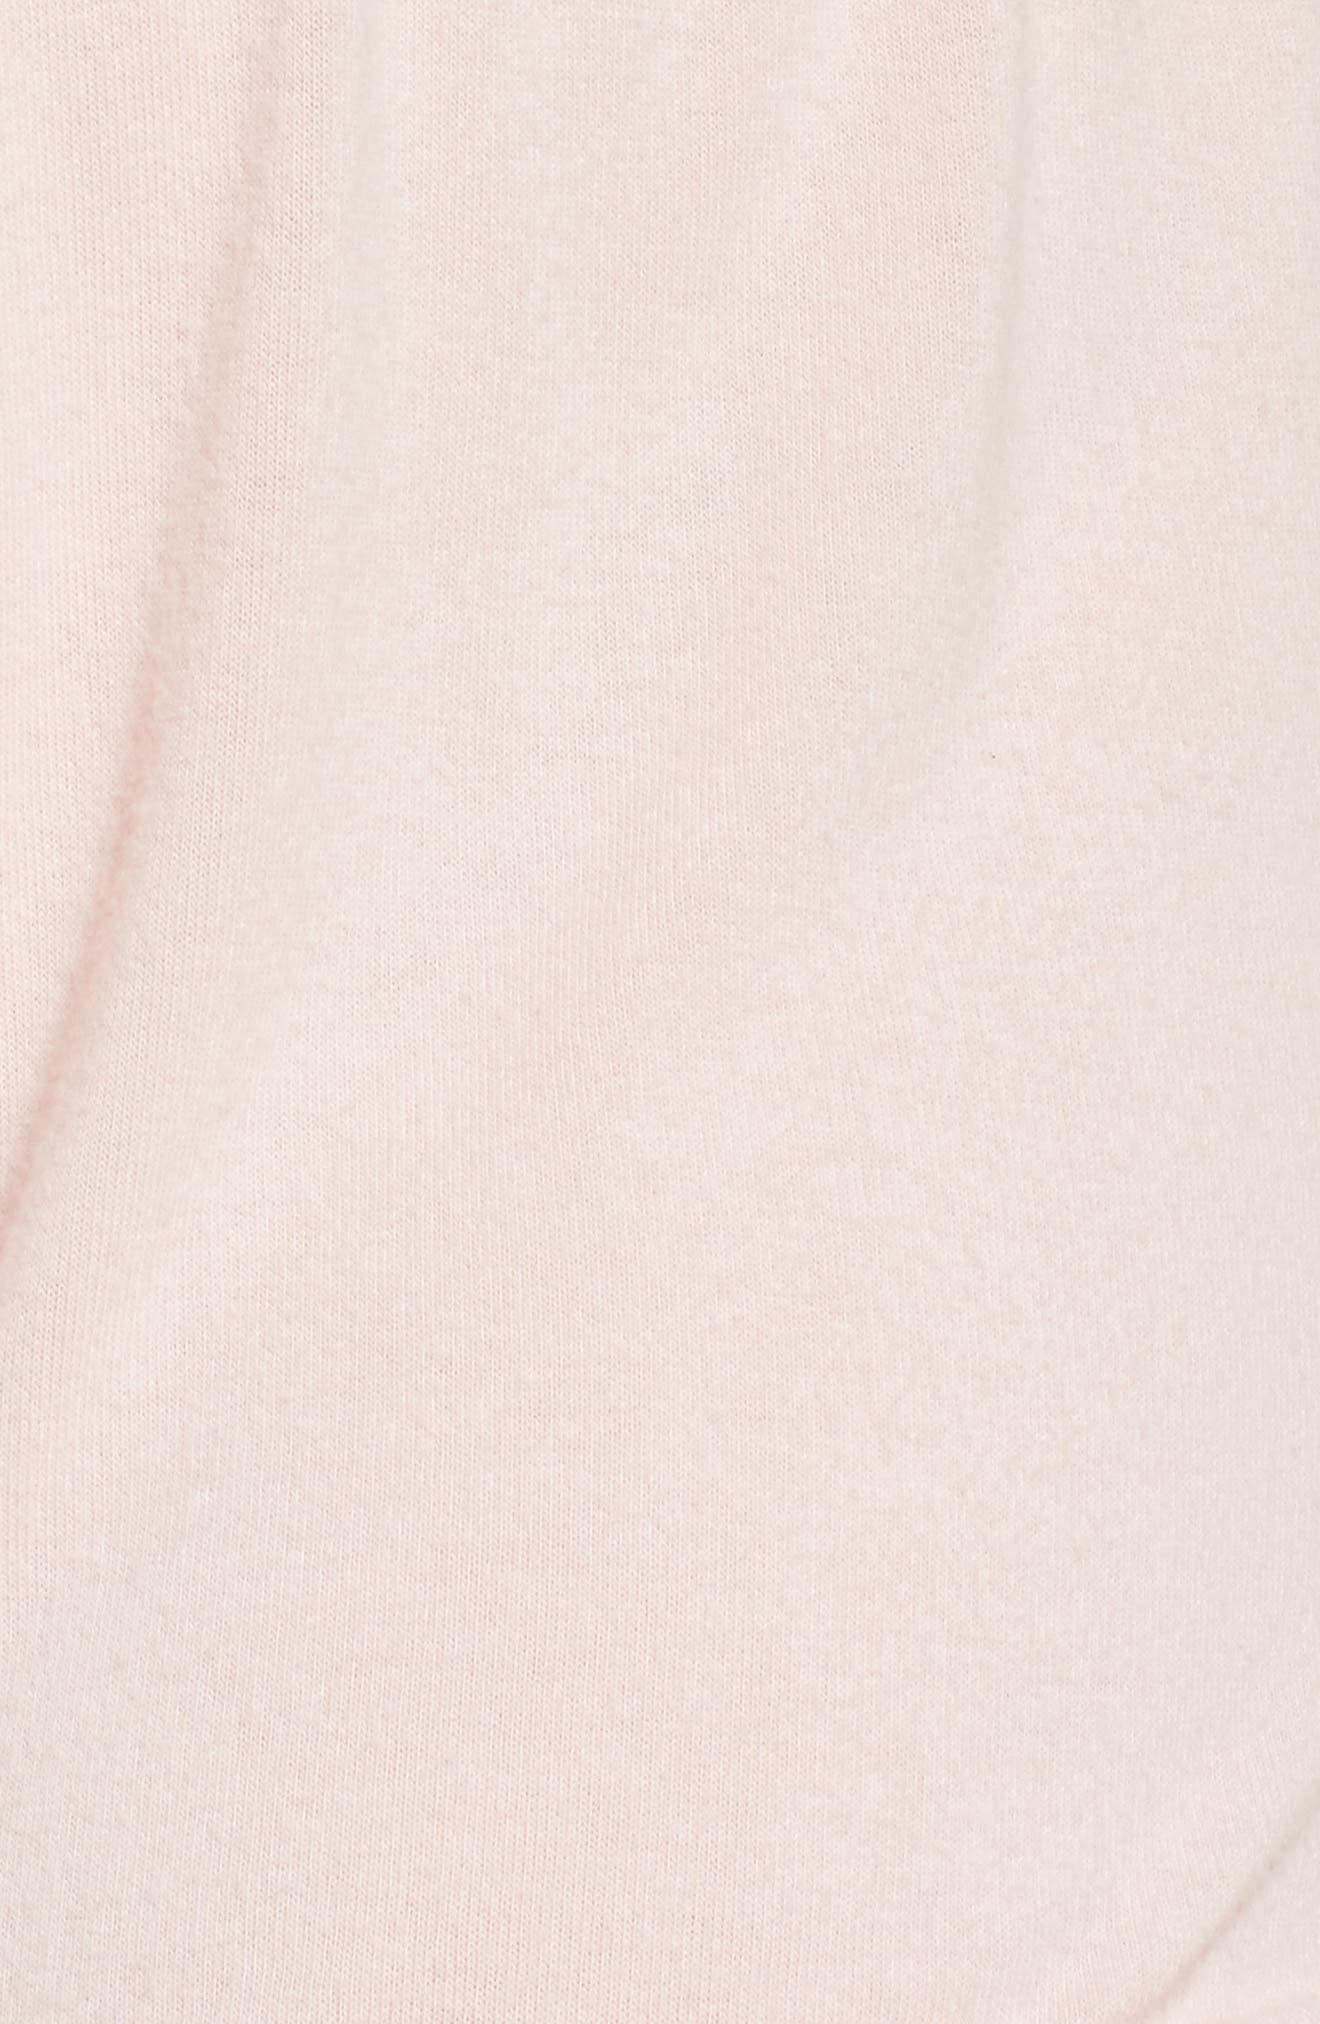 Ruffle Lounge Shorts,                             Alternate thumbnail 7, color,                             Blush